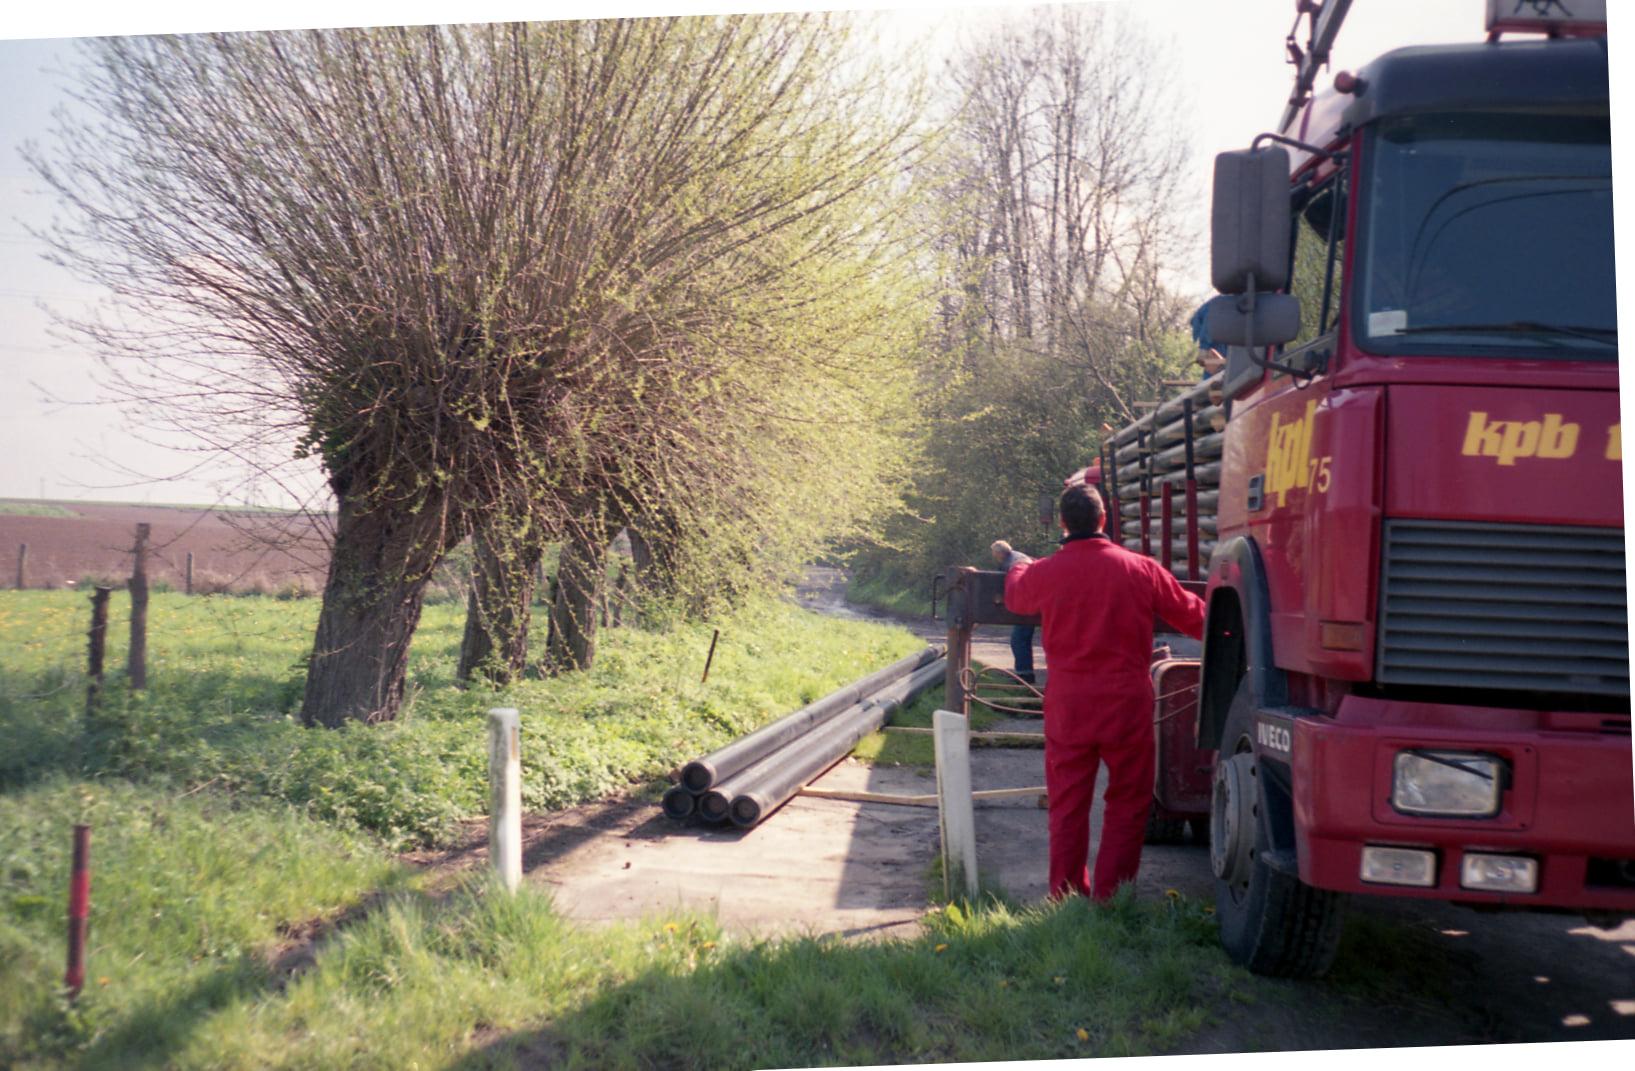 Ger-van-Vlimmeren-1995-gestrande-wagen-overladen-(2)